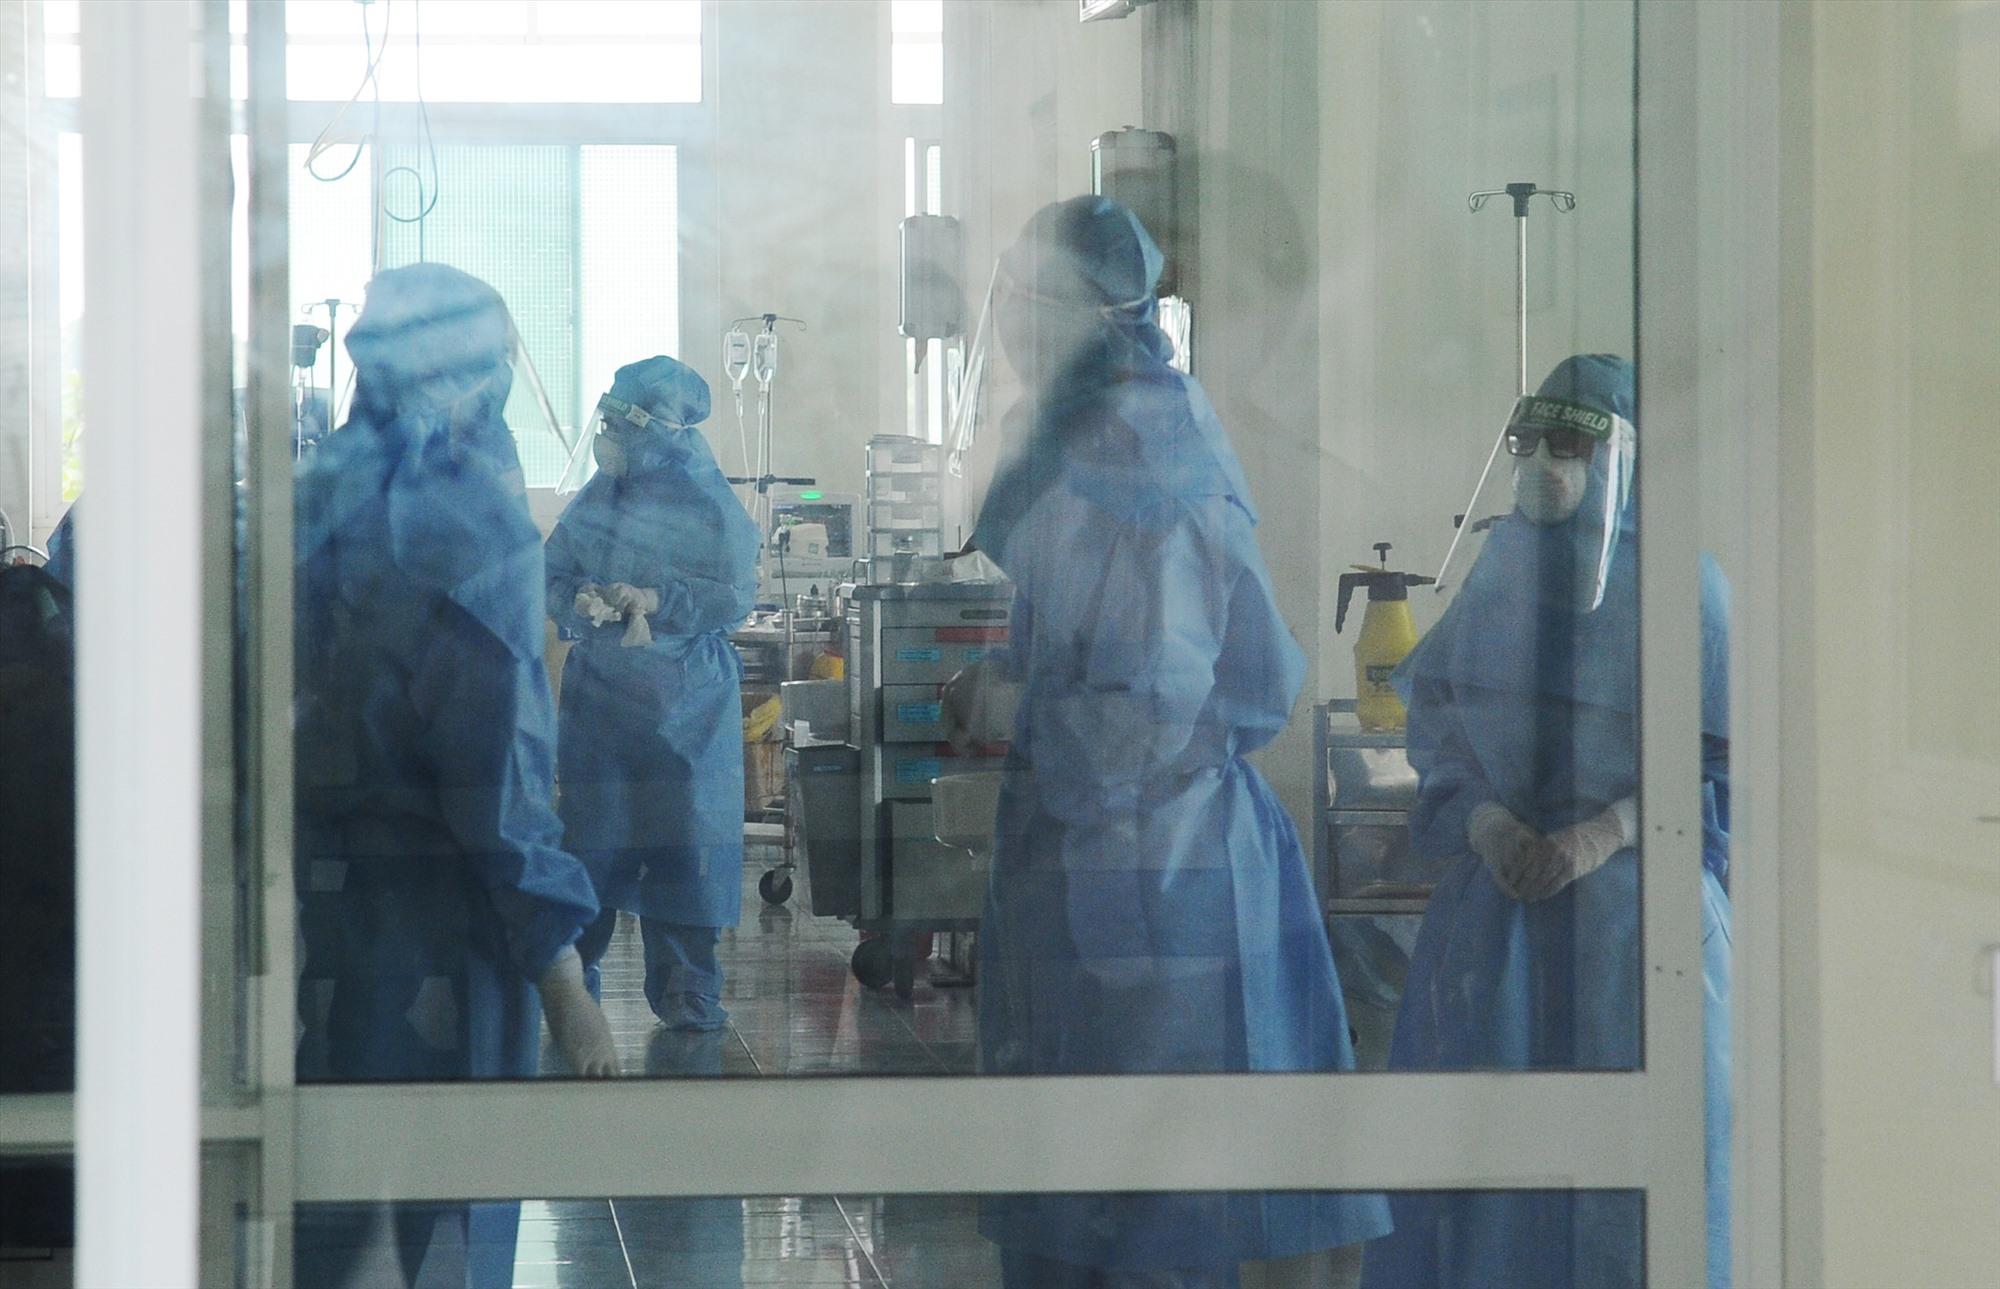 Bệnh viện Đa khoa Trung ương Quảng Nam đang điều trị 15 bệnh nhân Covid-19. Ảnh: PHAN VINH